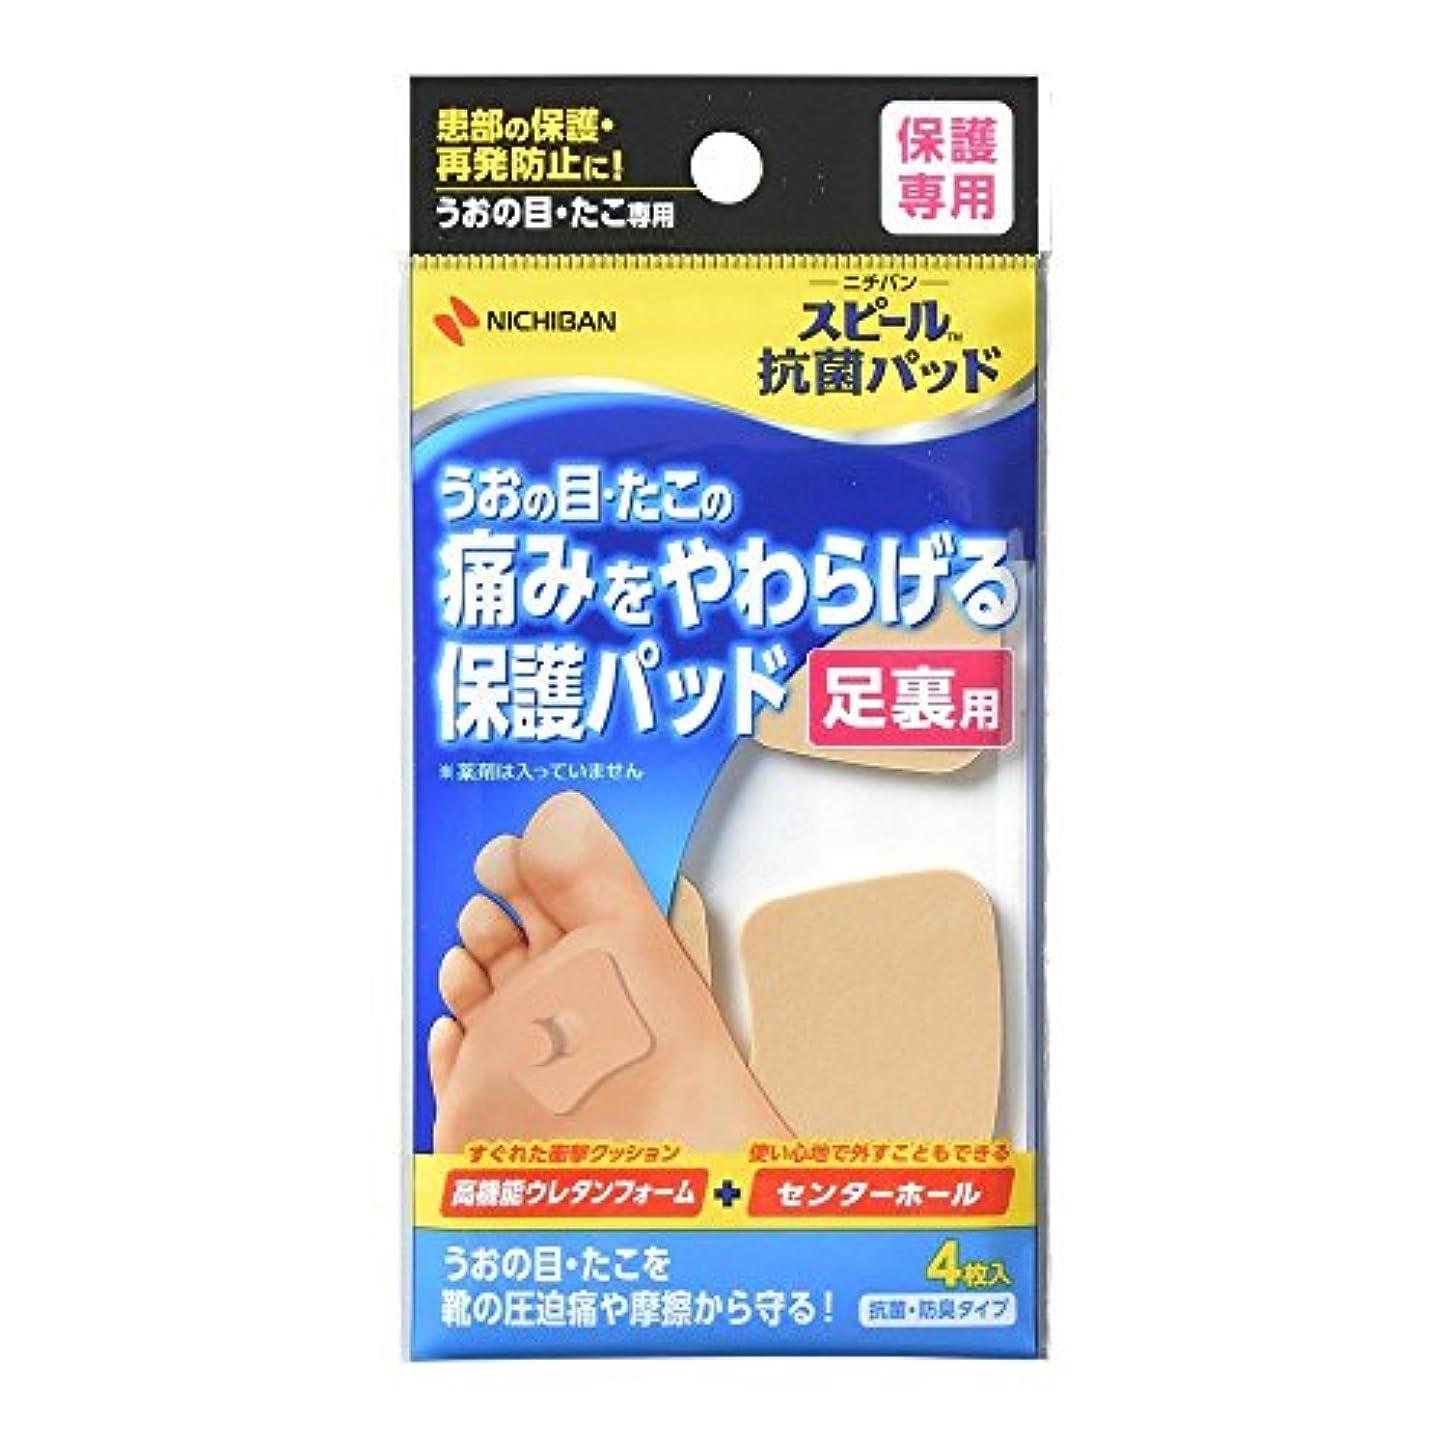 ふざけたヘルパーしおれた【ニチバン】スピール抗菌パッド 足裏用 SPPAU 4枚 ×3個セット